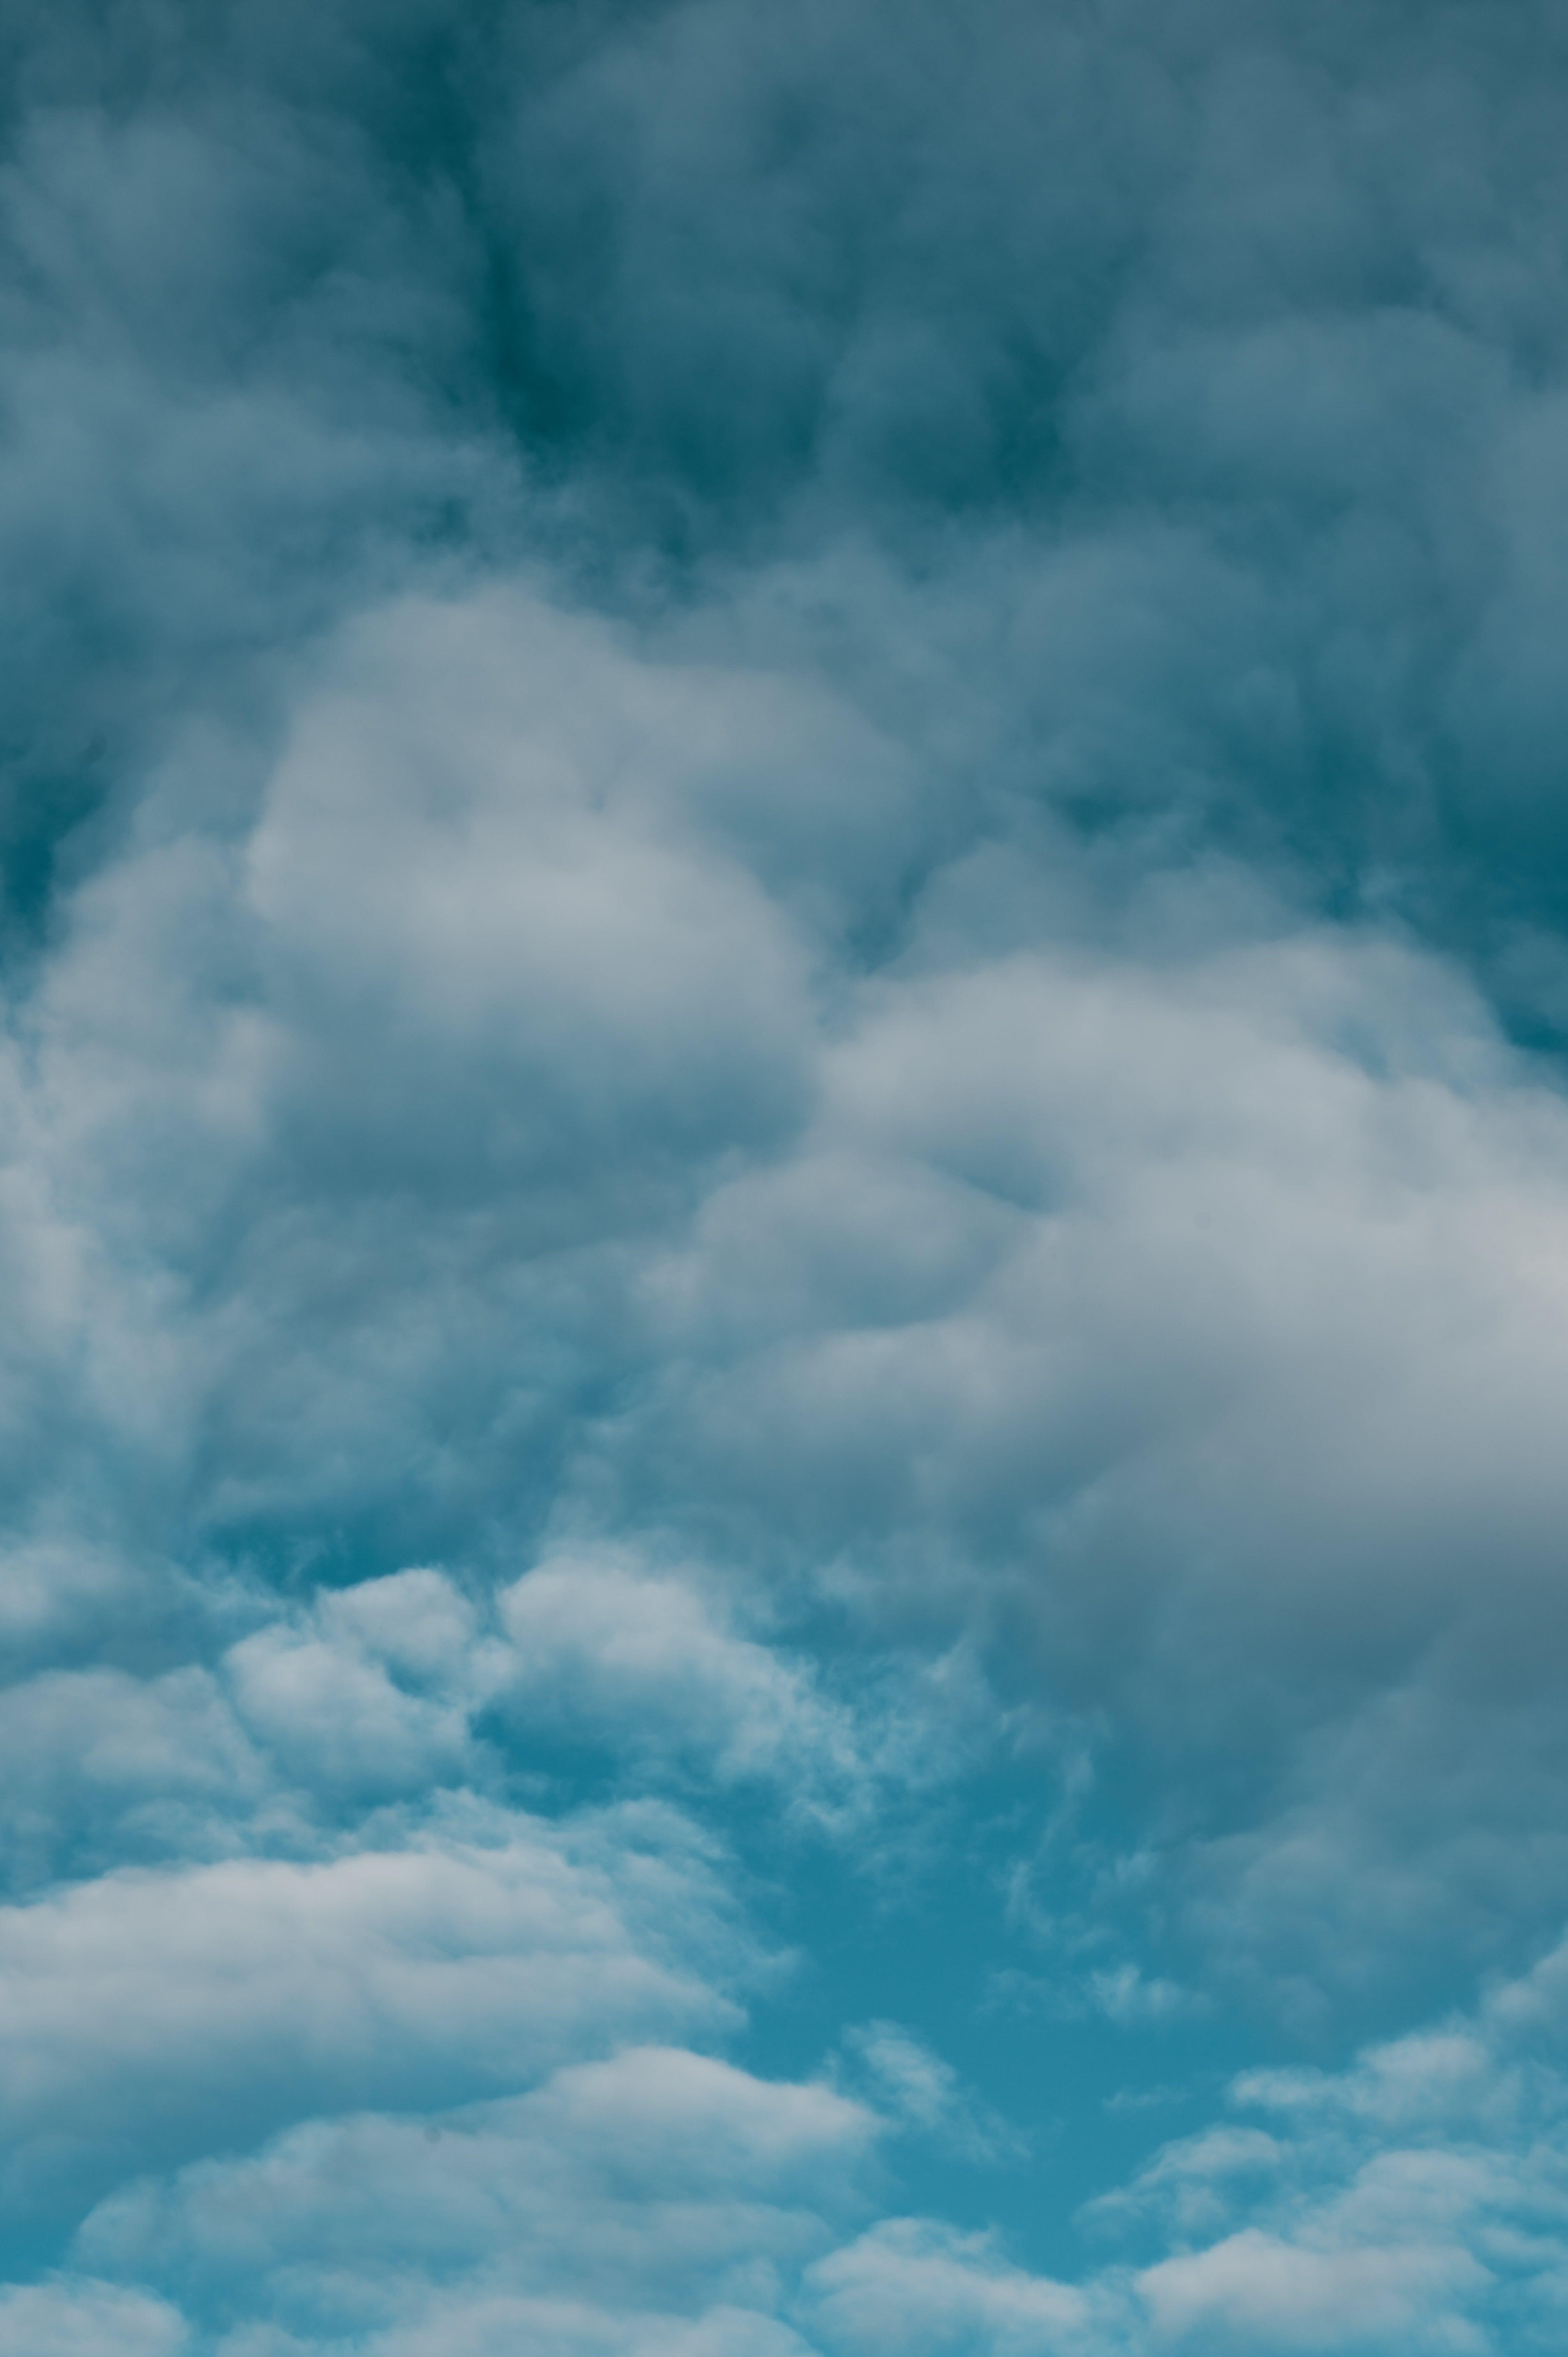 구름, 분위기, 자연, 천국의 무료 스톡 사진